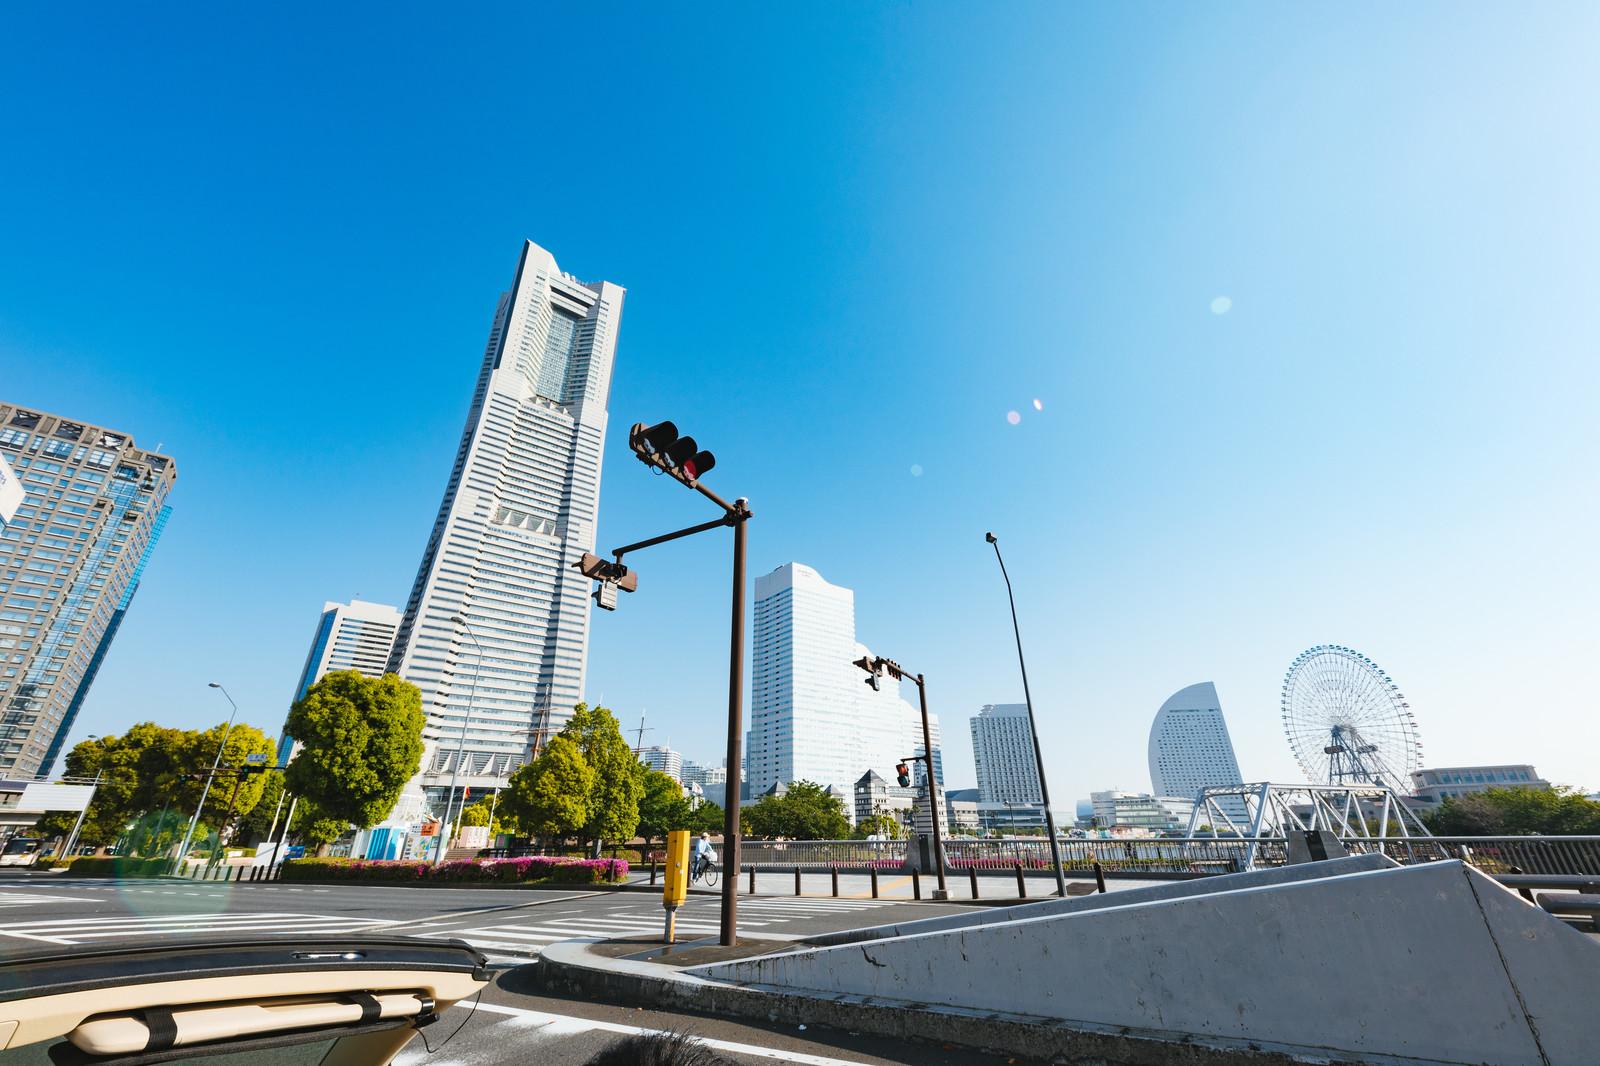 【移転情報】横浜アンパンマンミュージアムが横浜駅寄りに移転!